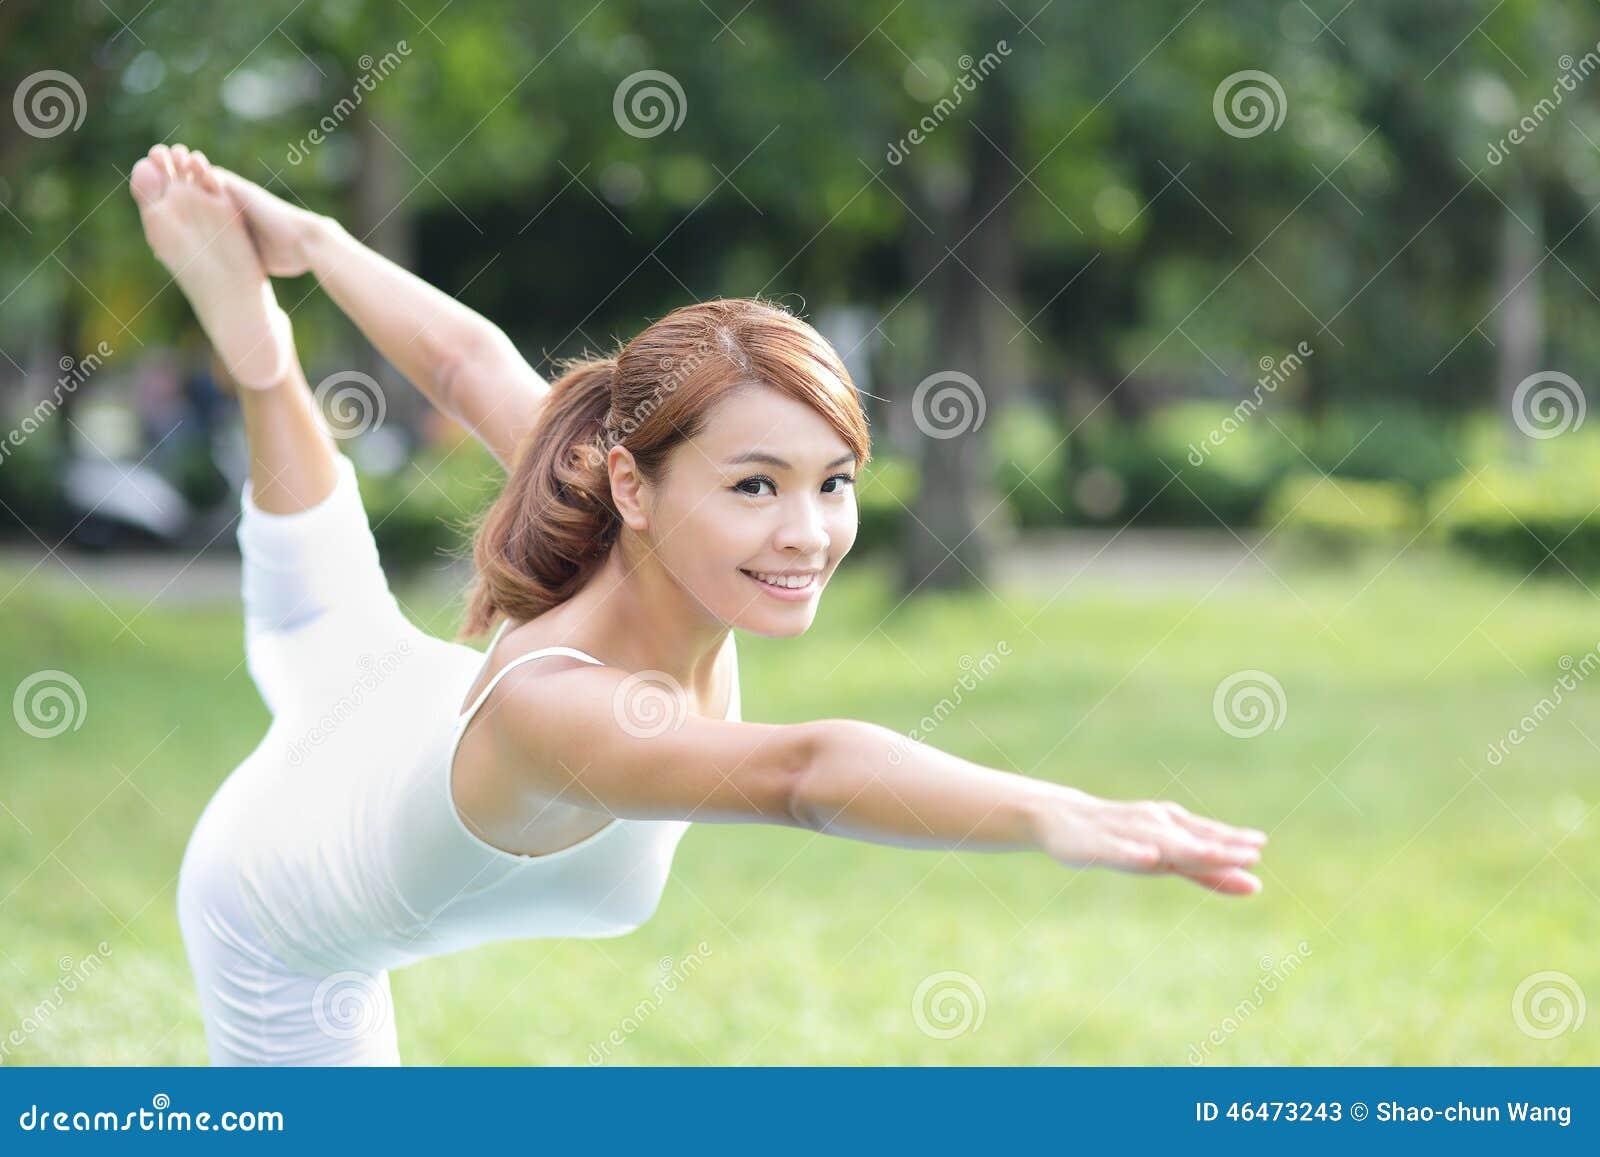 Молодая девушка спорта делает йогу